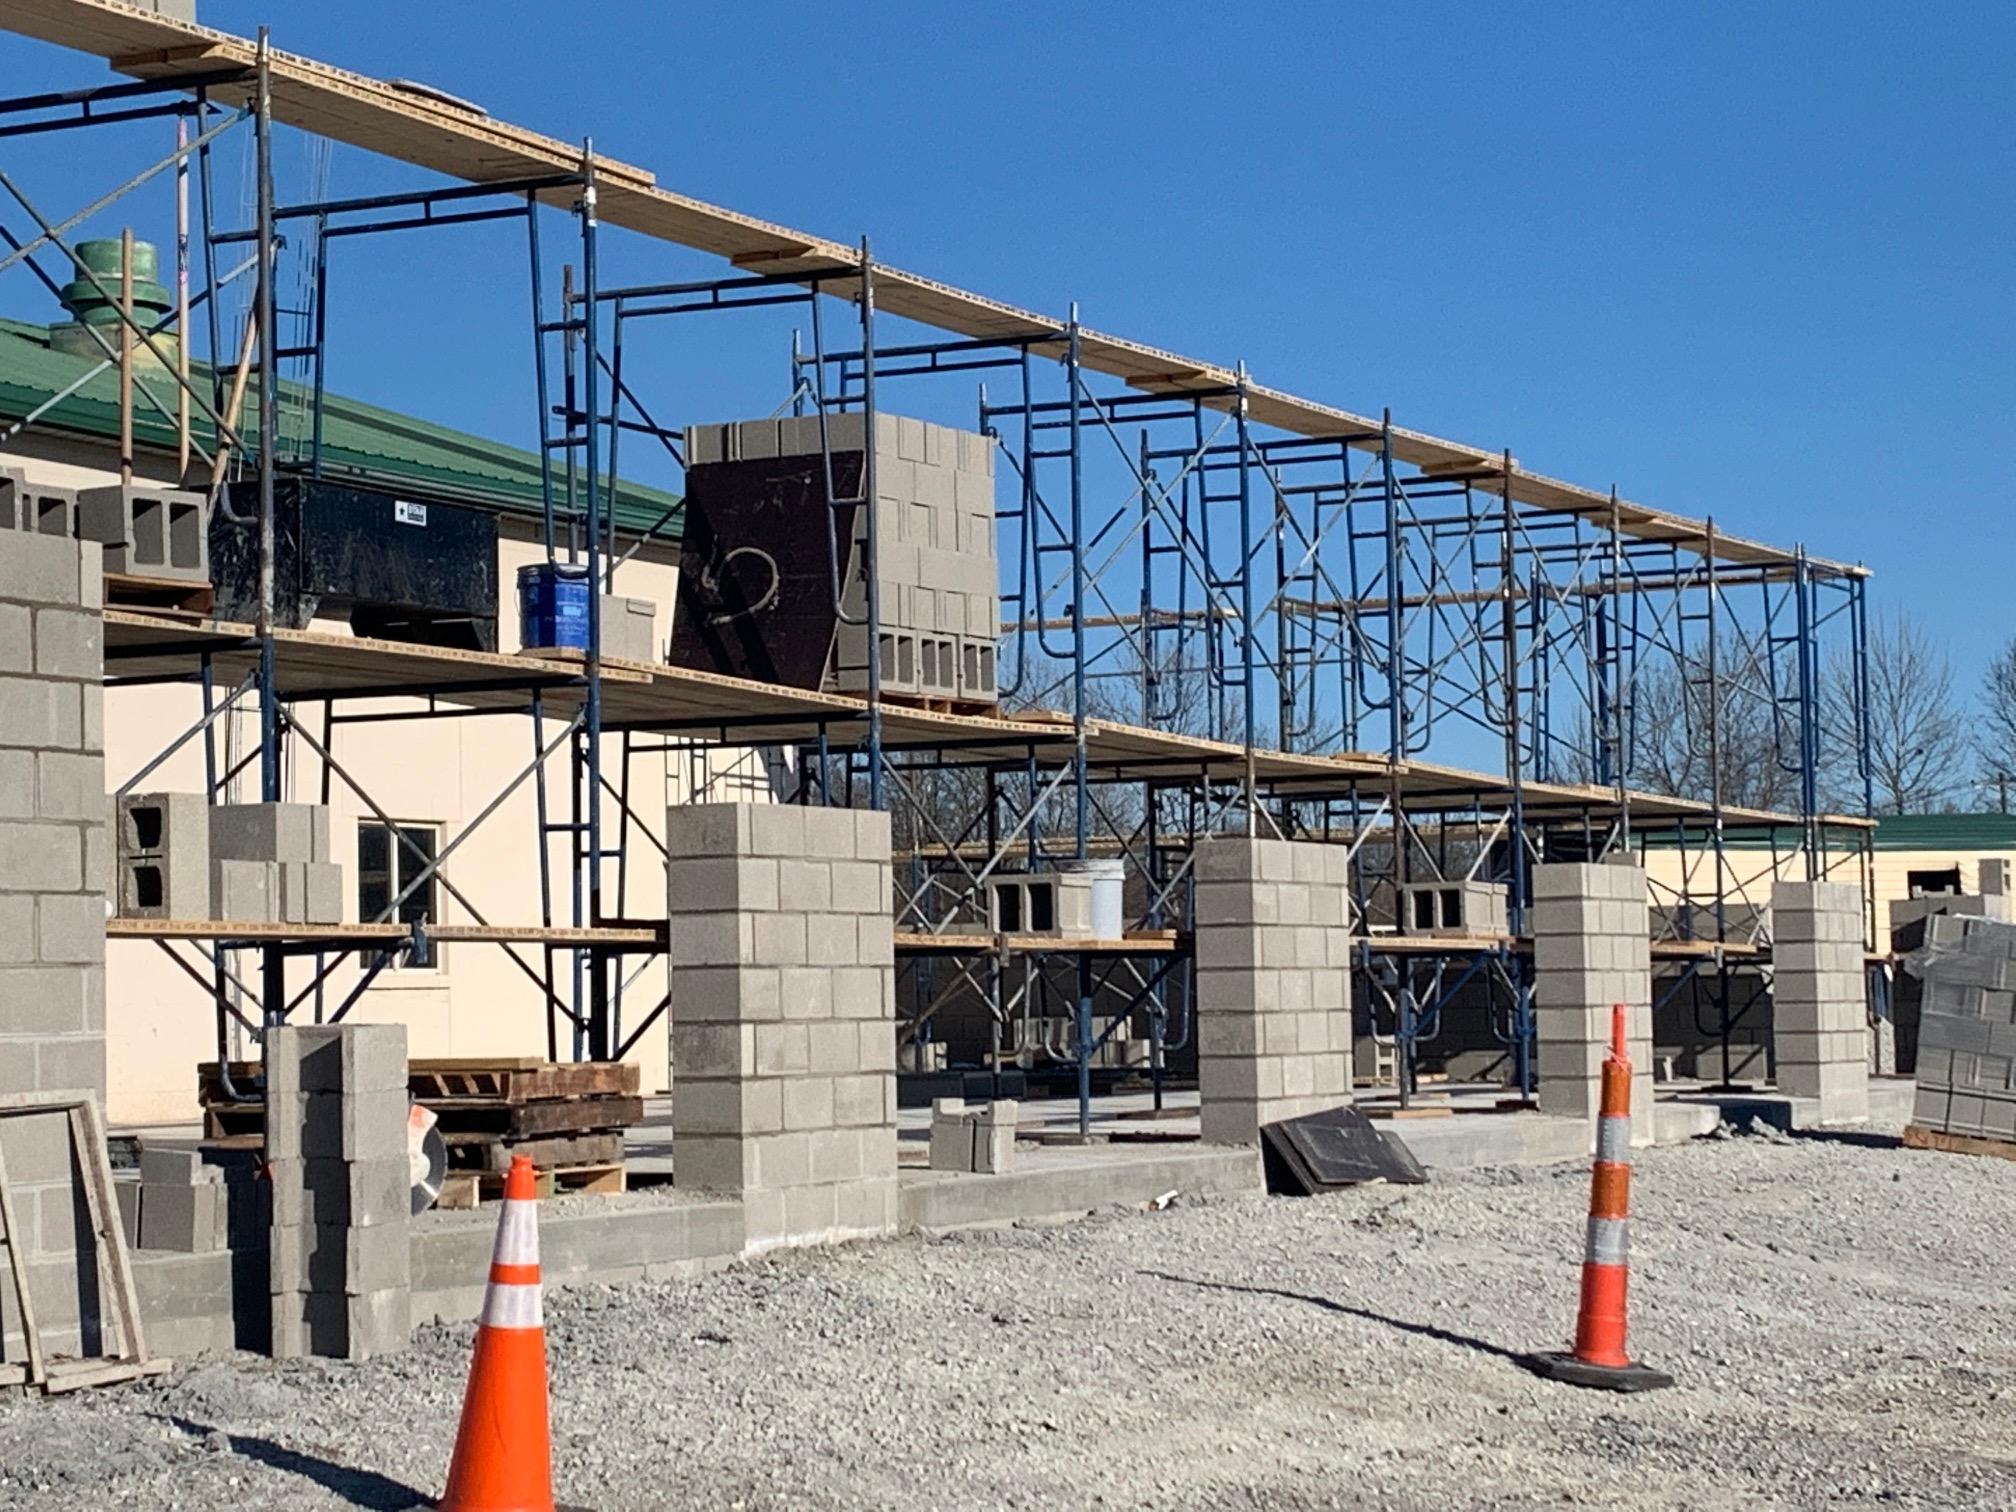 View concrete site